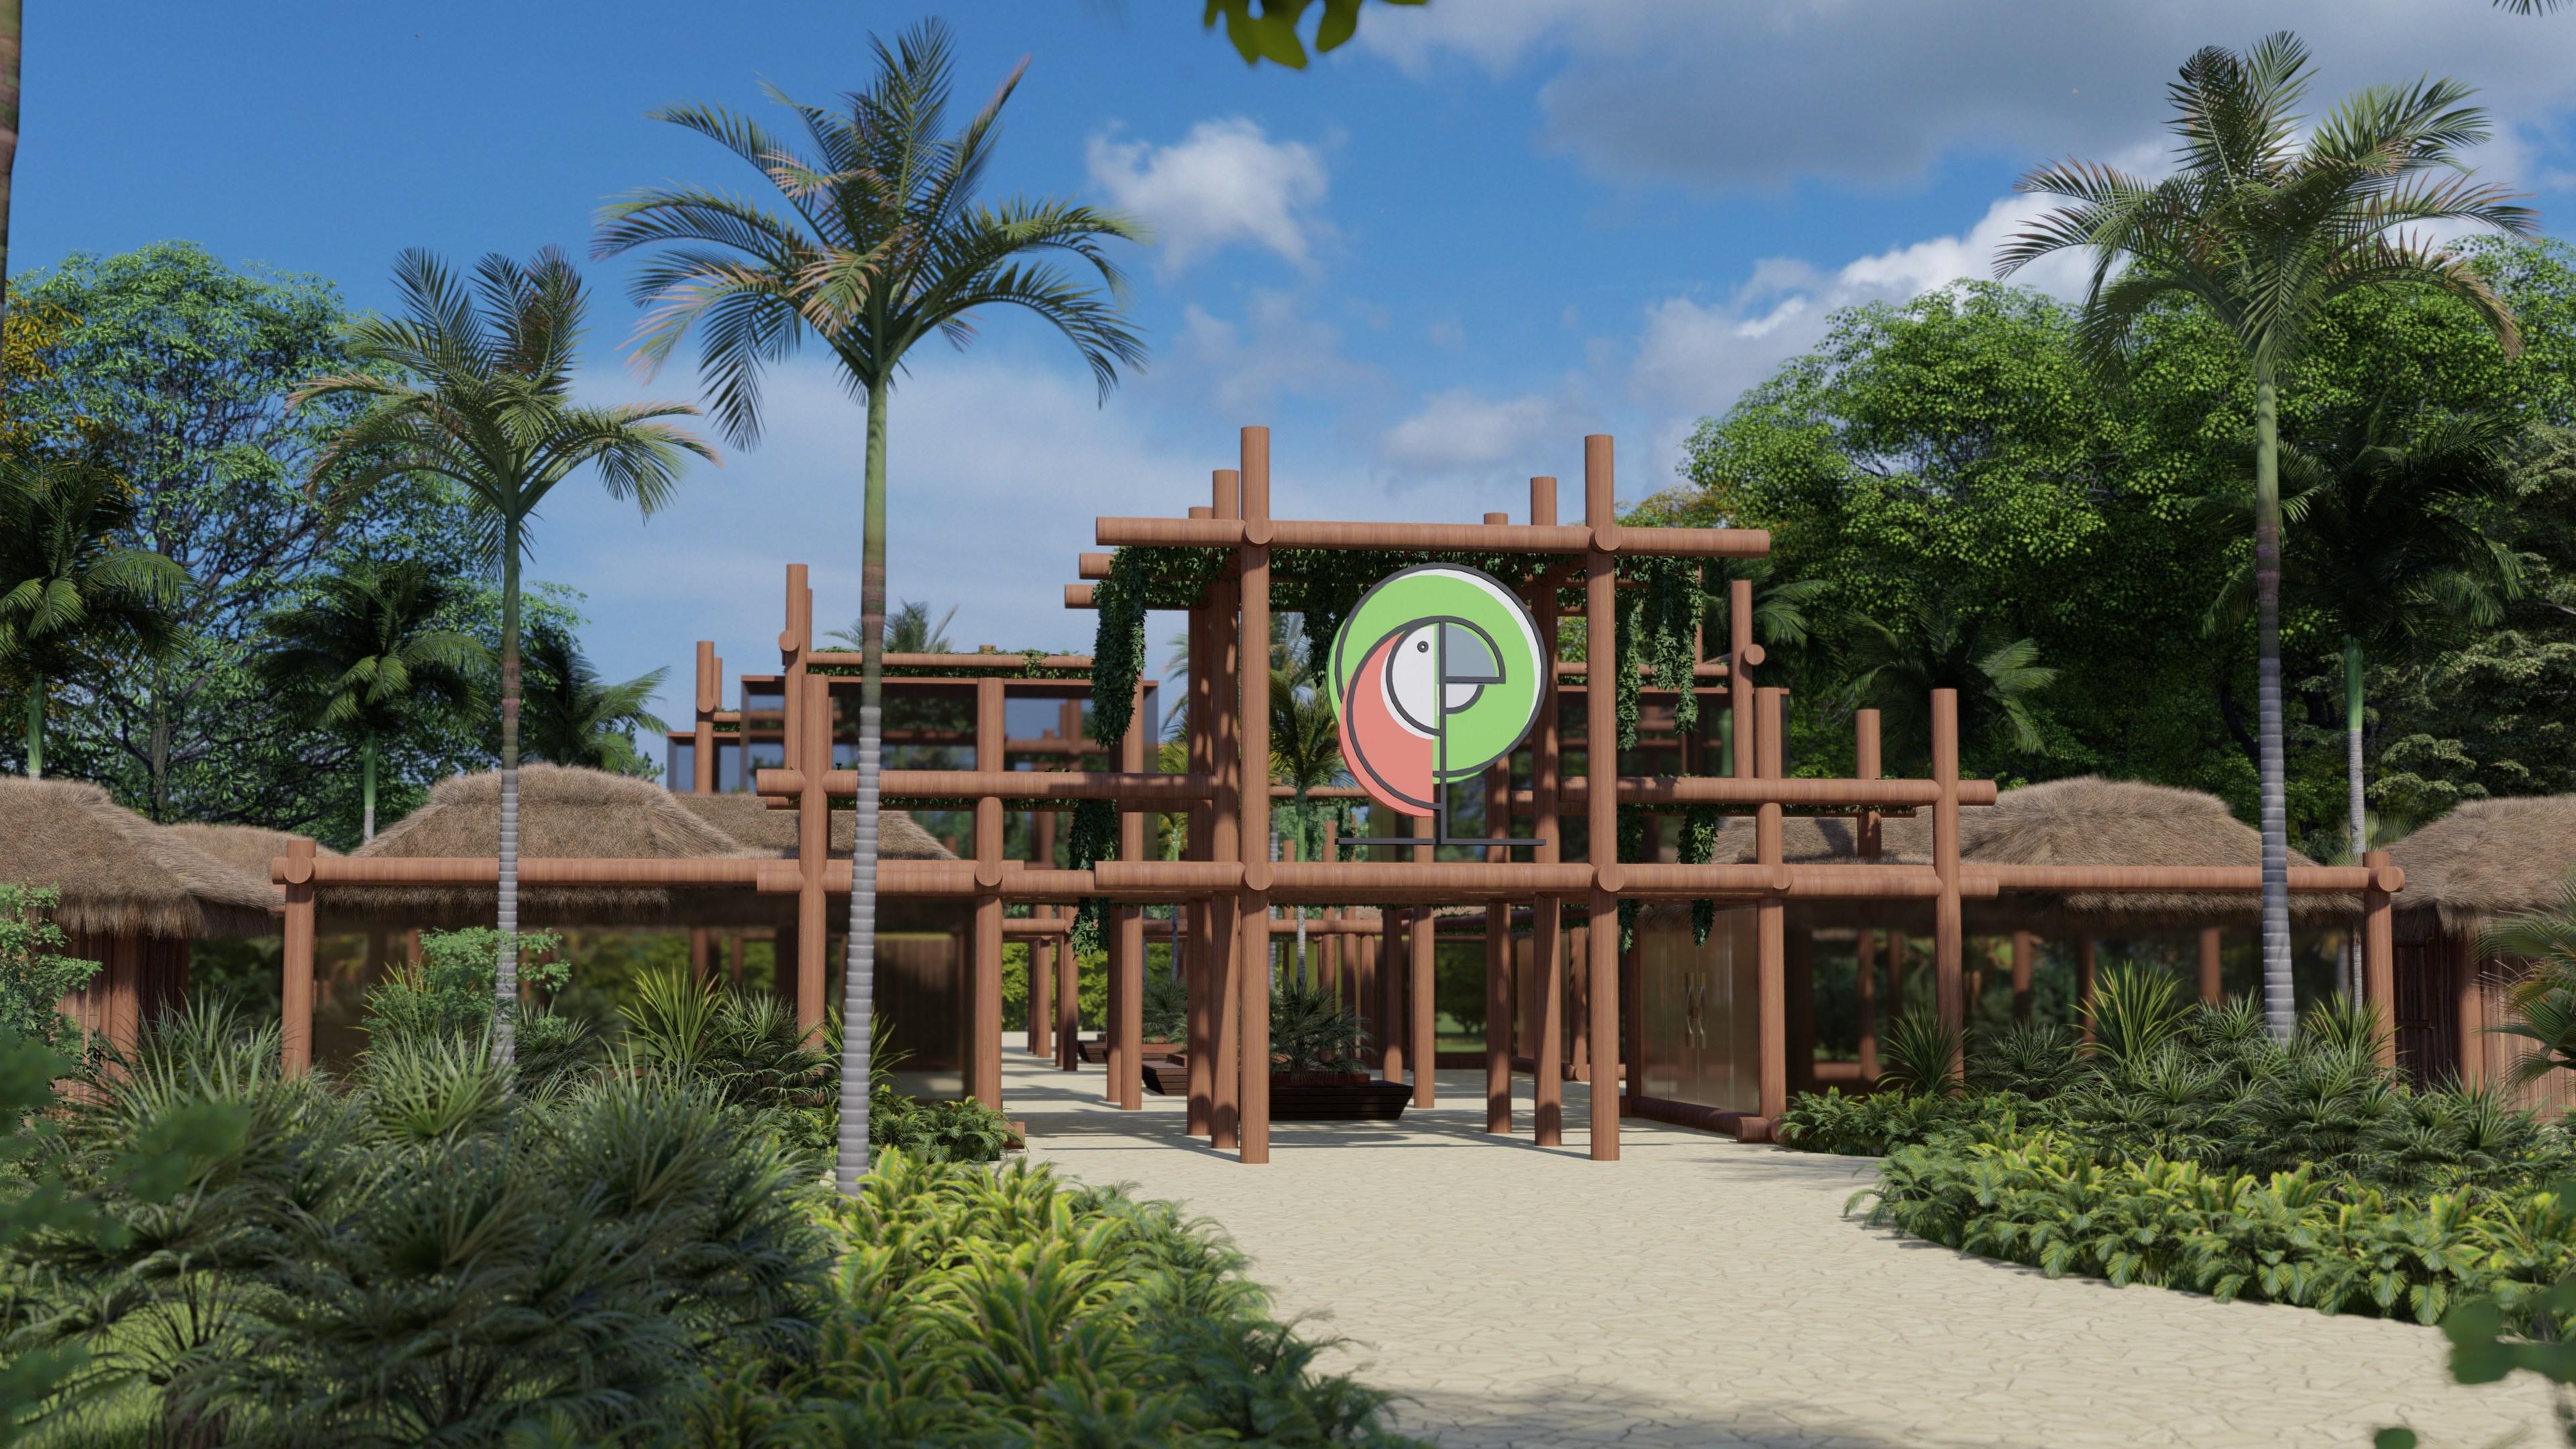 Cooperado implanta parque ecológico em Botucatu